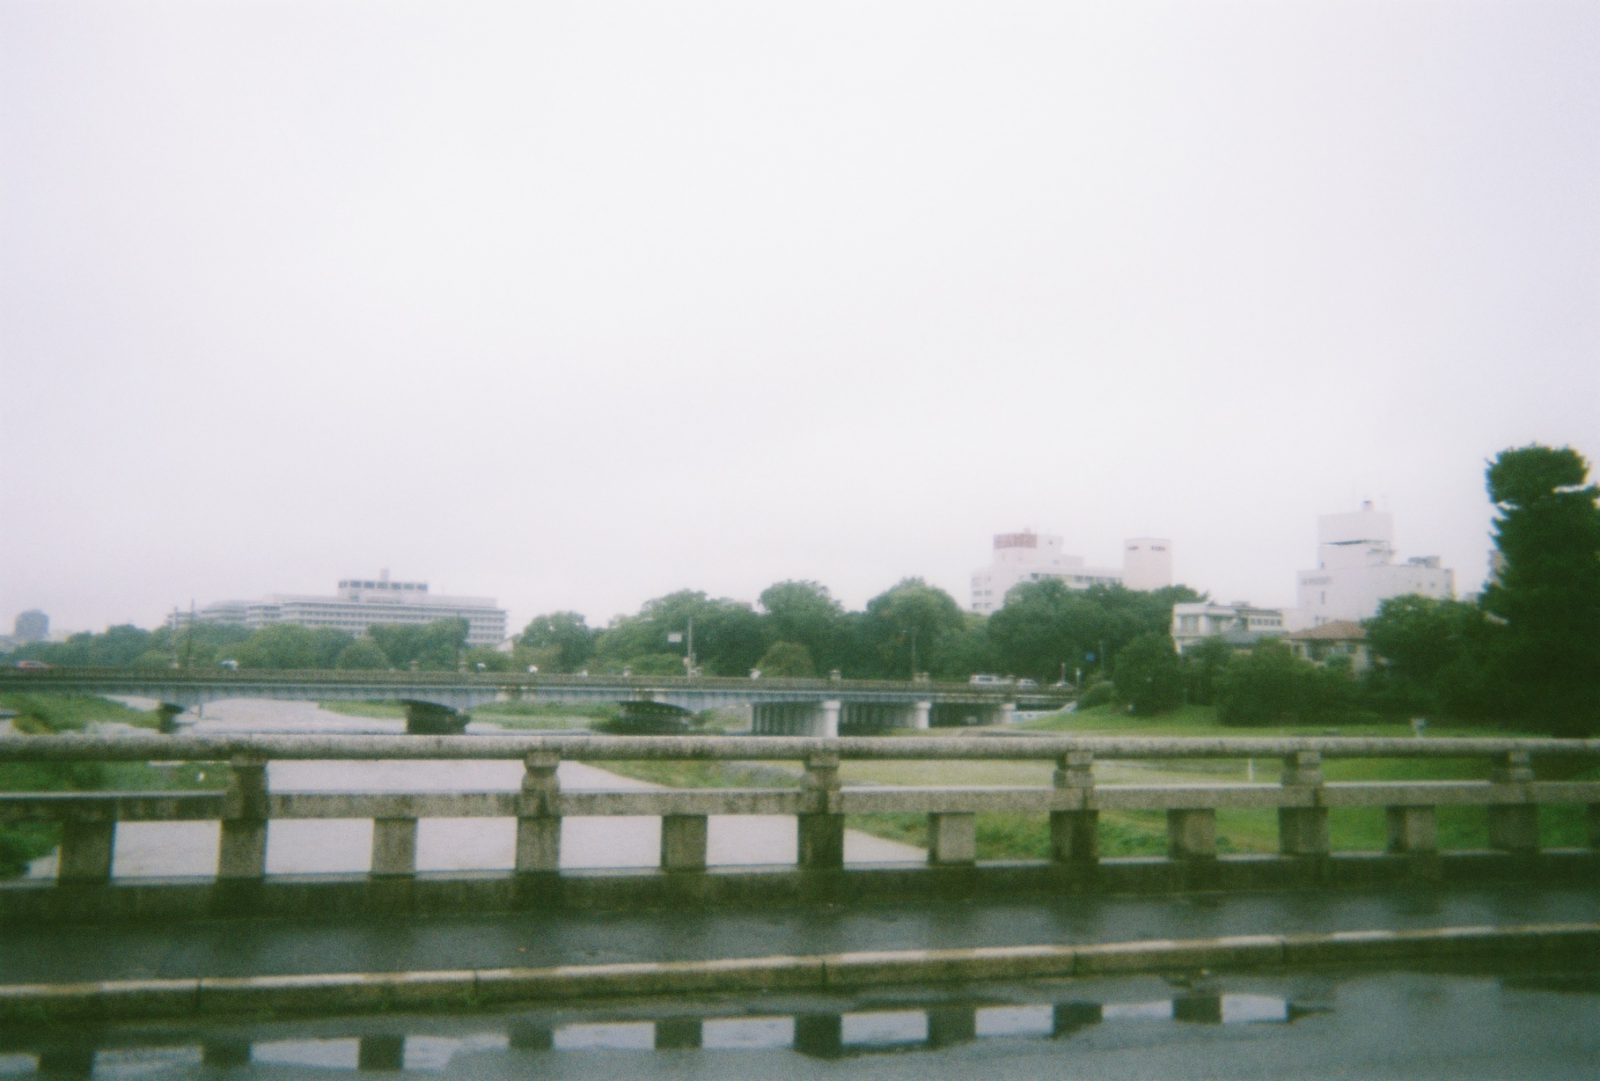 【きのう、京と、あした】第1回:川の流れのように